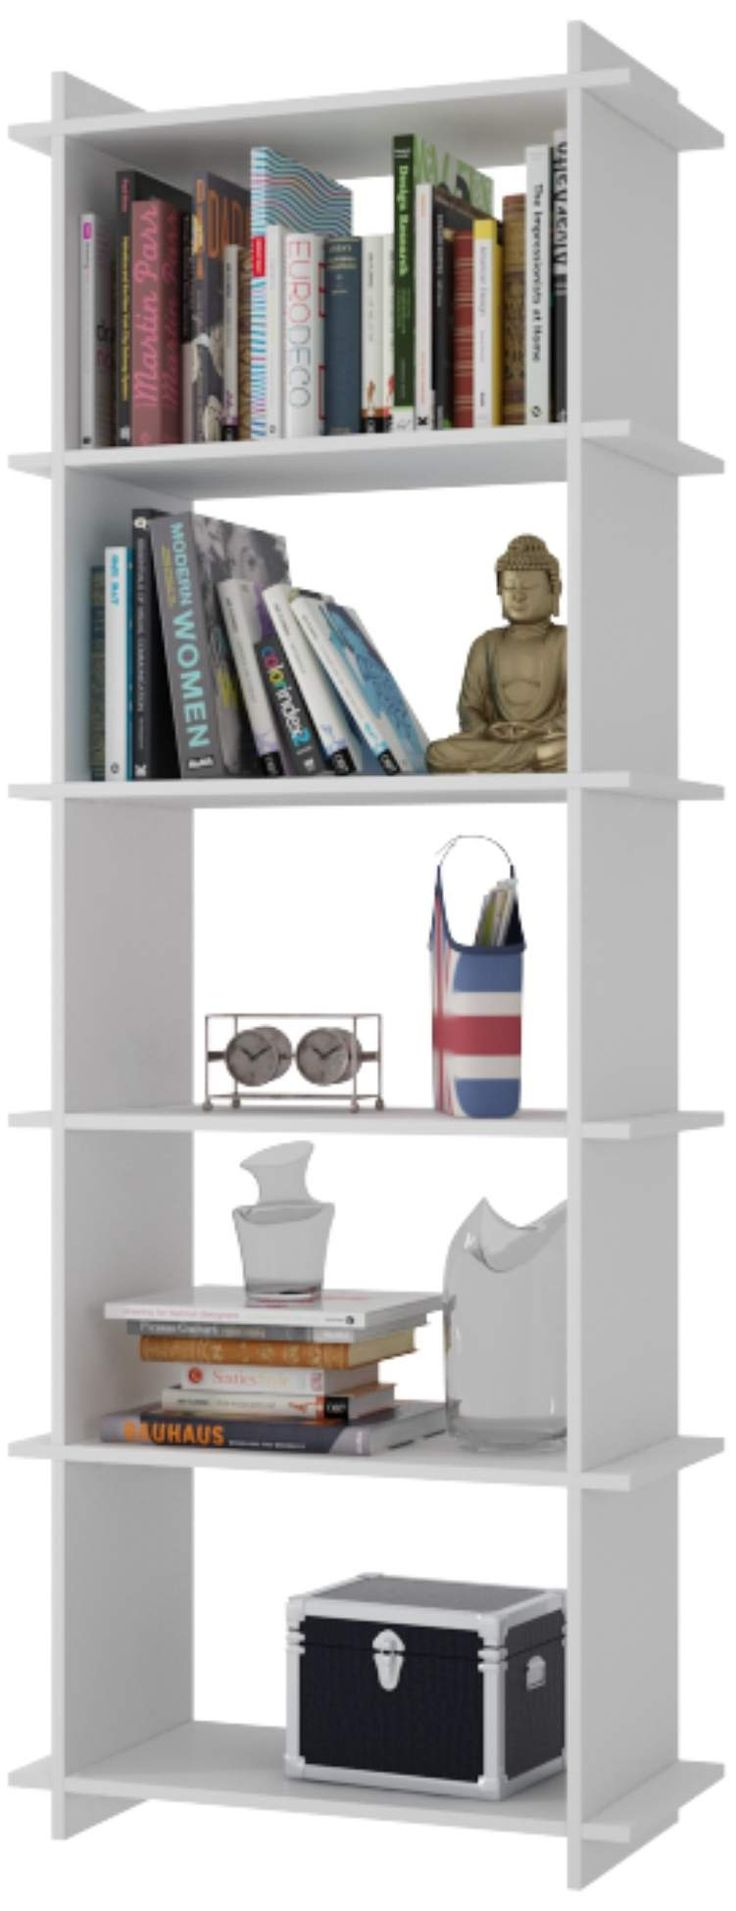 Gisborne 5-Shelf White Wood Bookcase - Style # 1J346